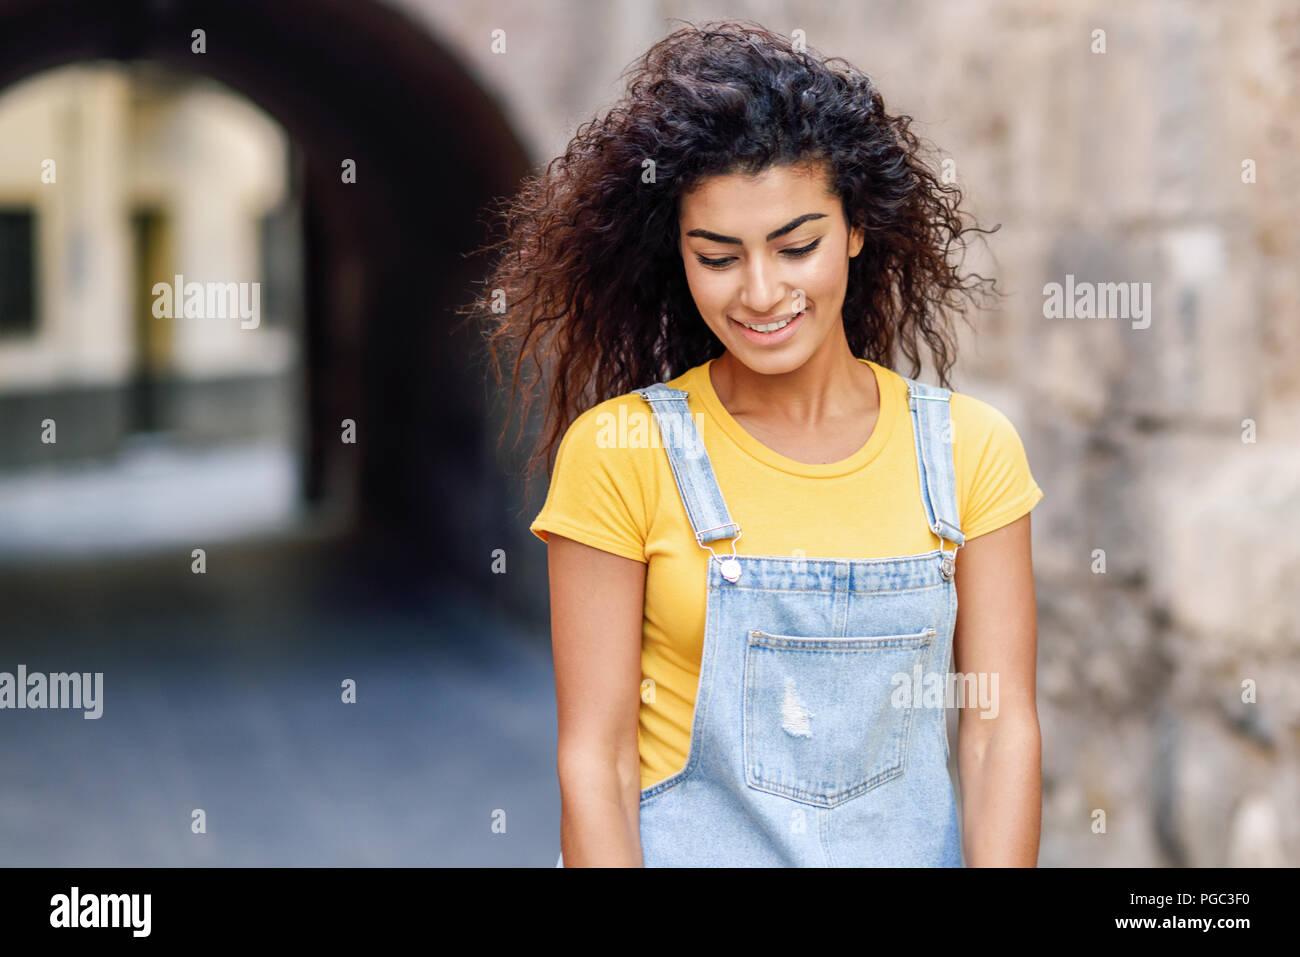 Fille Arabe jeune femme arabe avec curly hairstyle extérieur. fille arabe dans